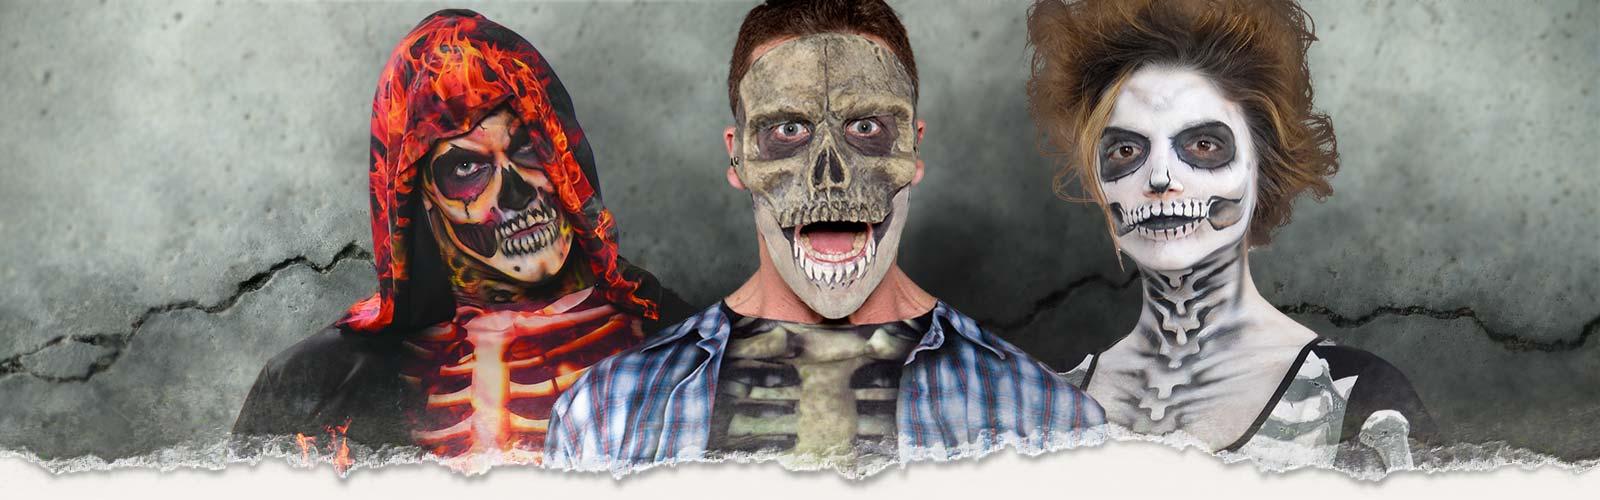 Skelett Kostüm Zubehör